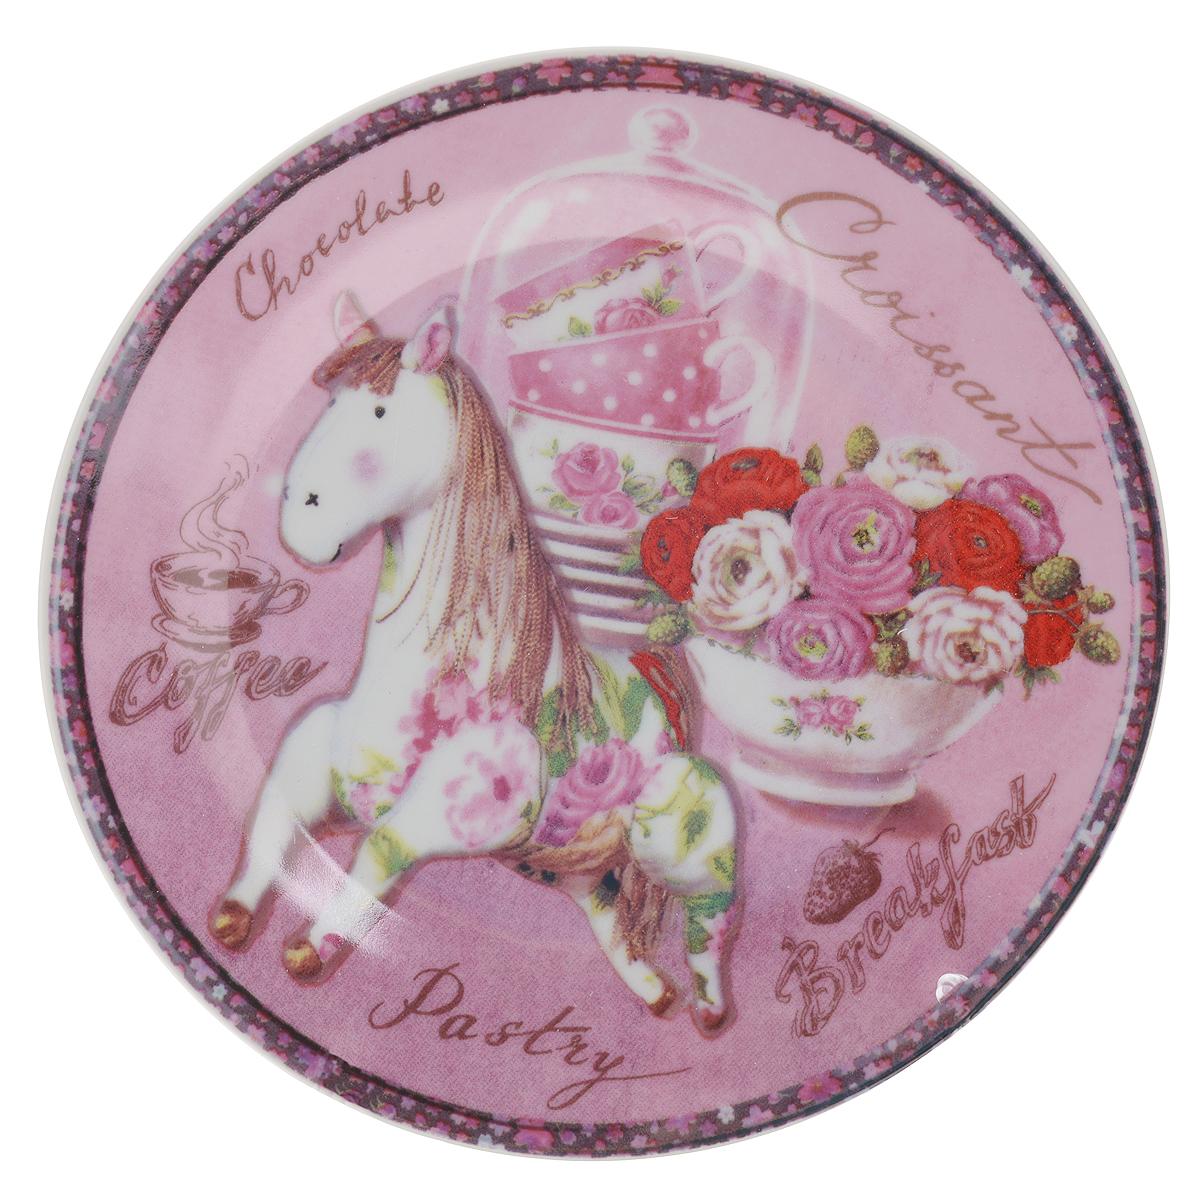 Тарелка декоративная Besko Винтажная лошадка, диаметр 18 см103857Декоративная тарелка Besko Винтажная лошадка выполнена из высококачественной керамики, покрытой слоем сверкающей глазури. Изделие оформлено красочным изображением лошади и цветов. Такая тарелка украсит интерьер вашей кухни и подчеркнет прекрасный вкус хозяина, а также станет отличным подарком. Диаметр: 18 см. Высота: 2 см.